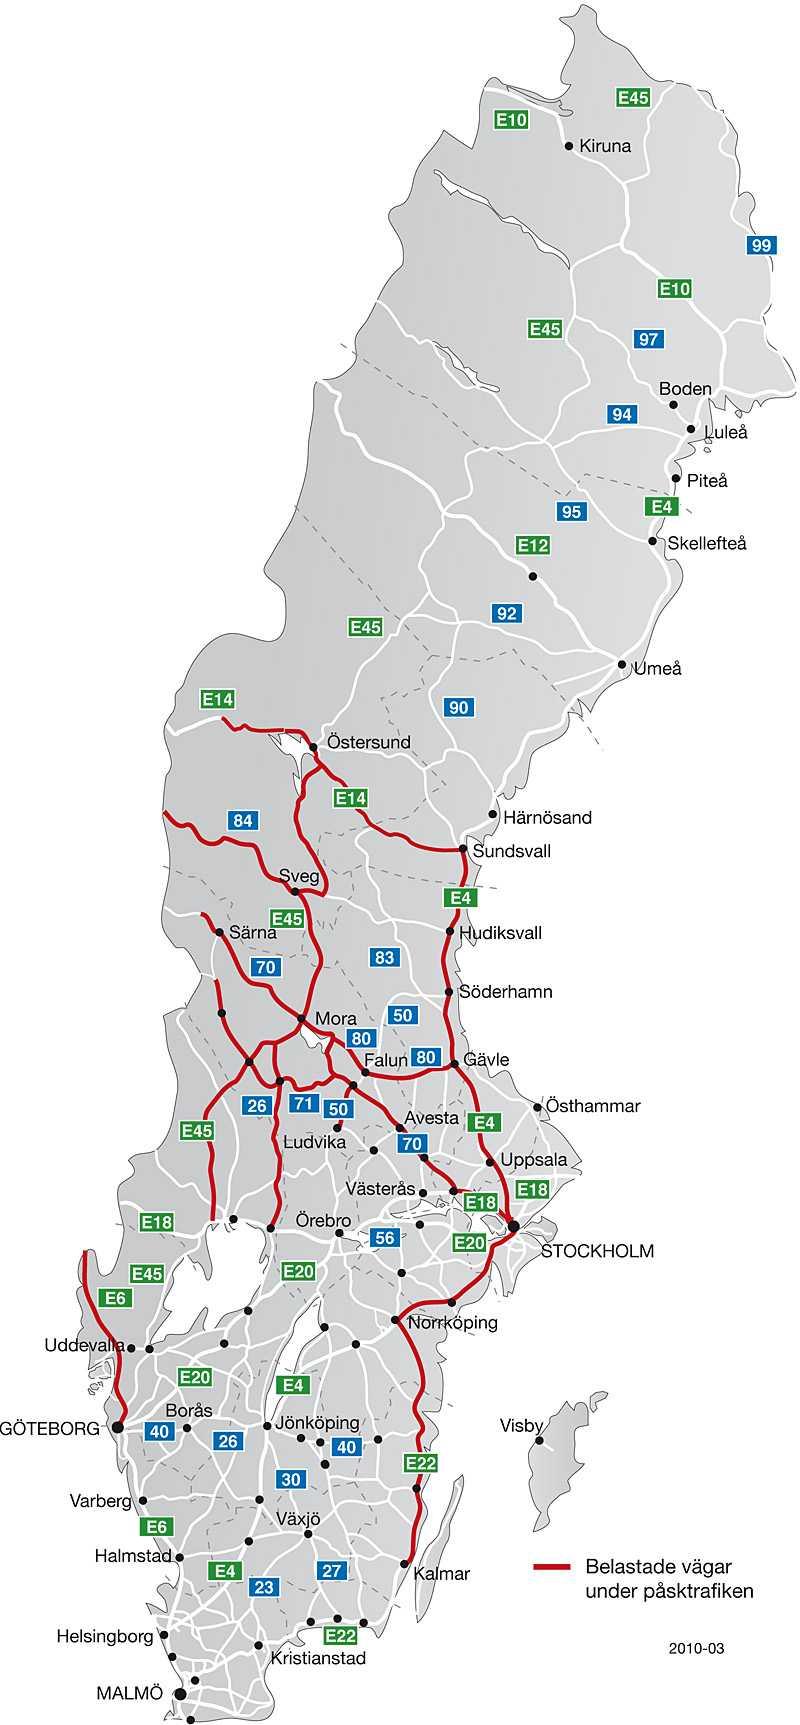 De röda vägarna är de mest belastade under påsken. Klicka för större karta!